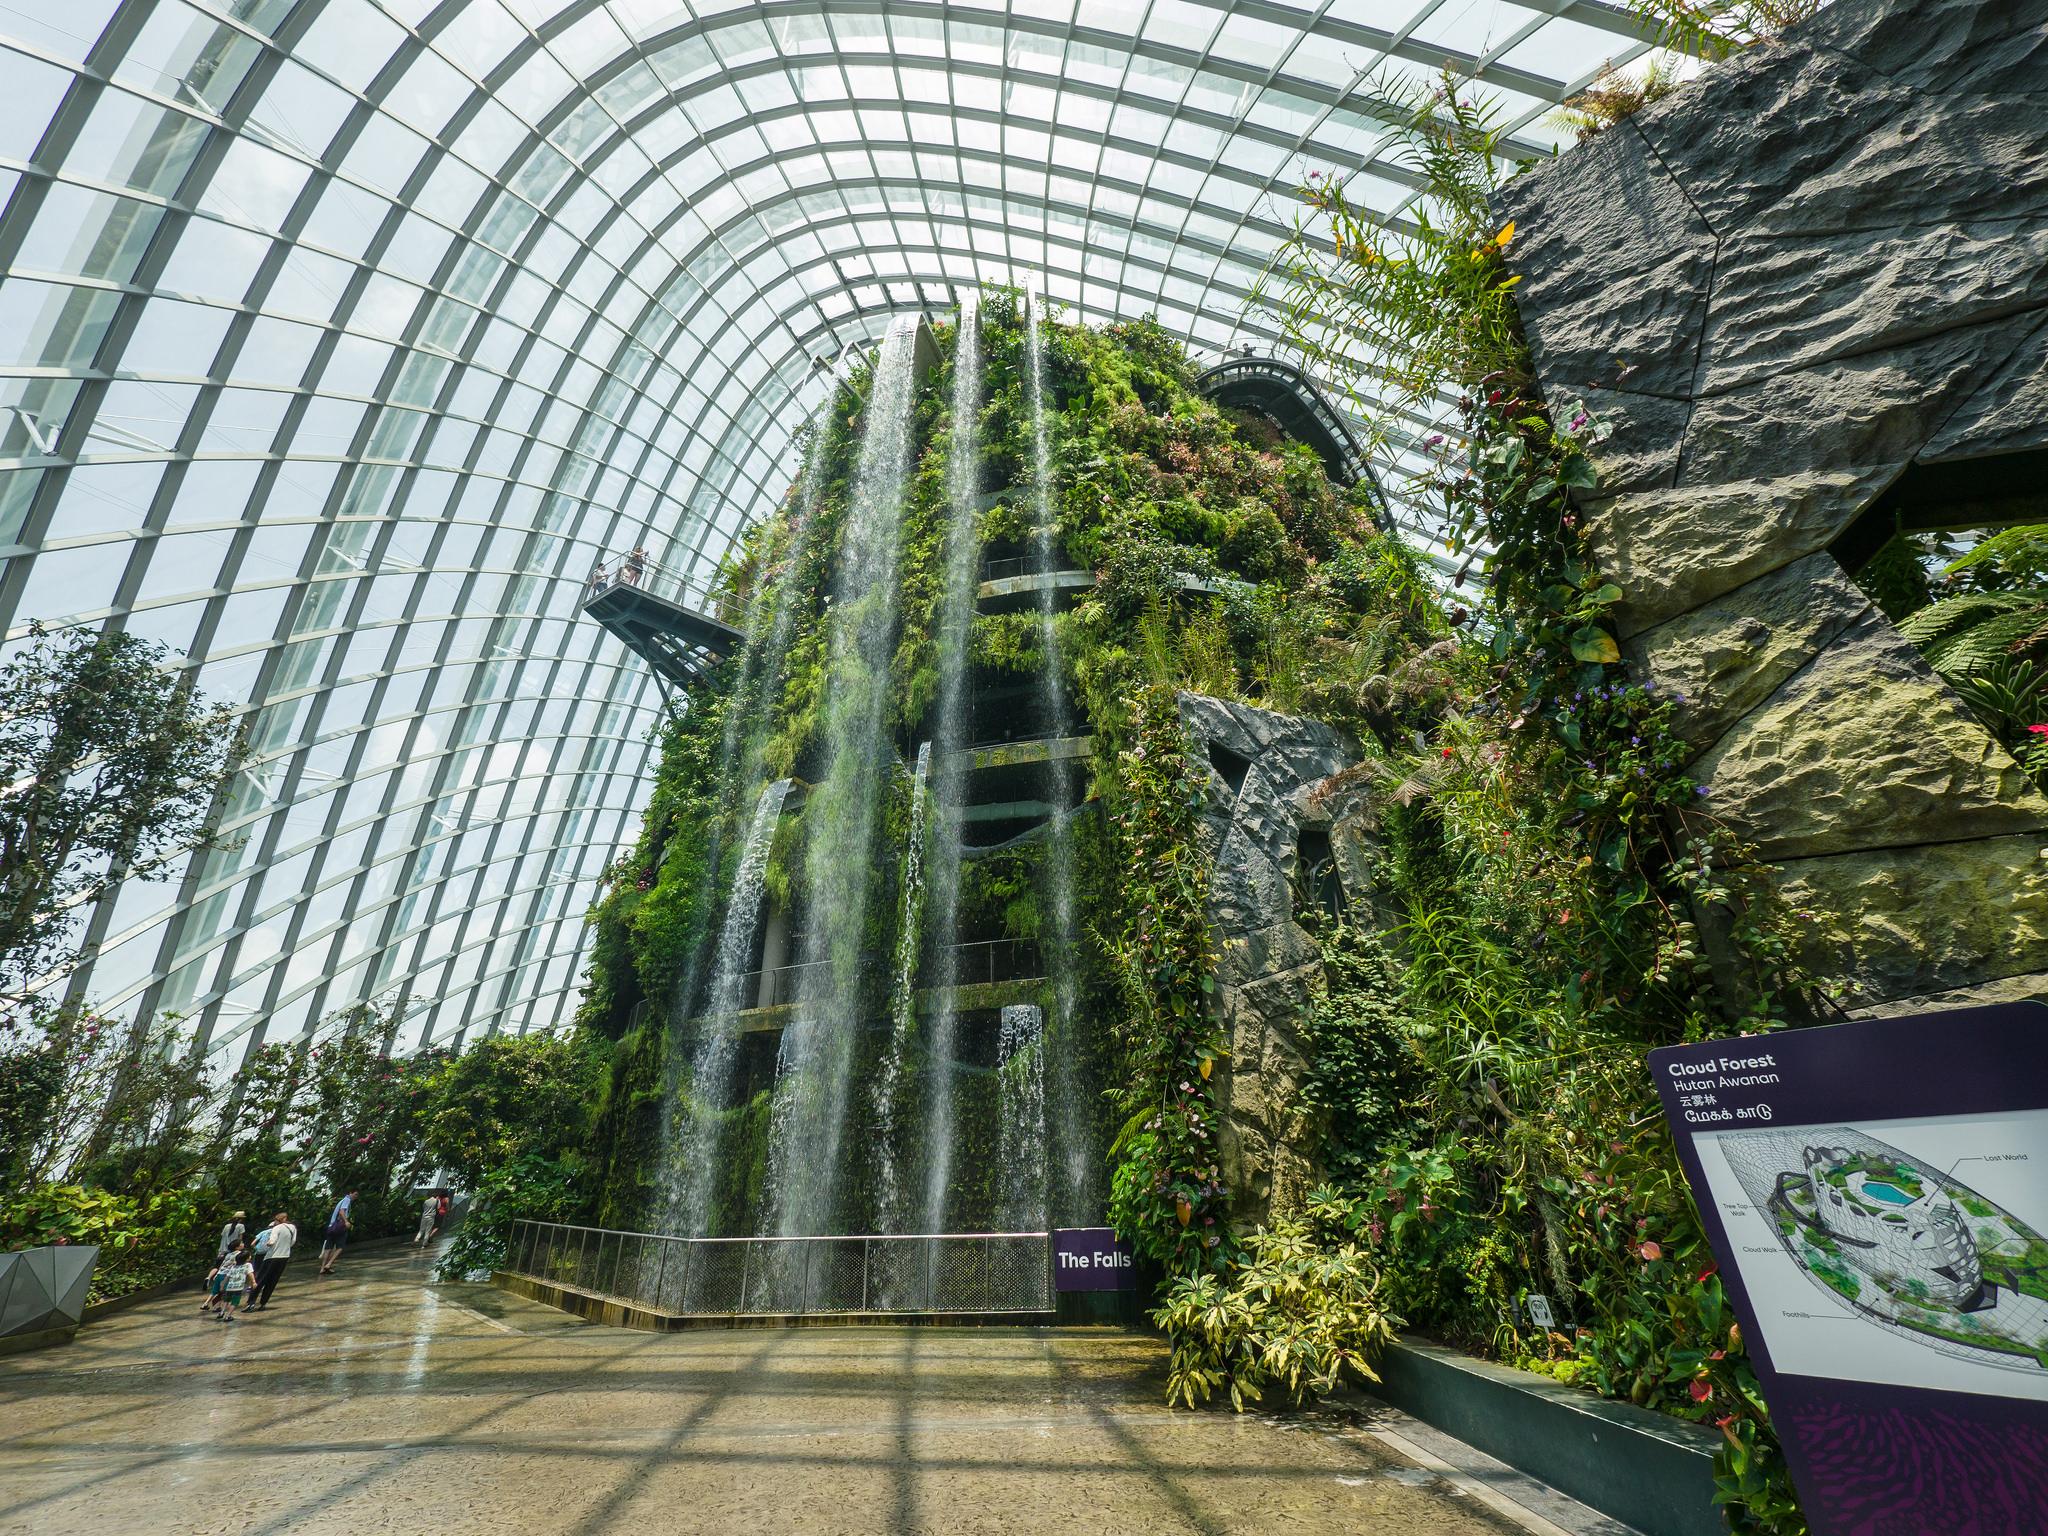 Kunjungi Orchid Display di Cloud Forest